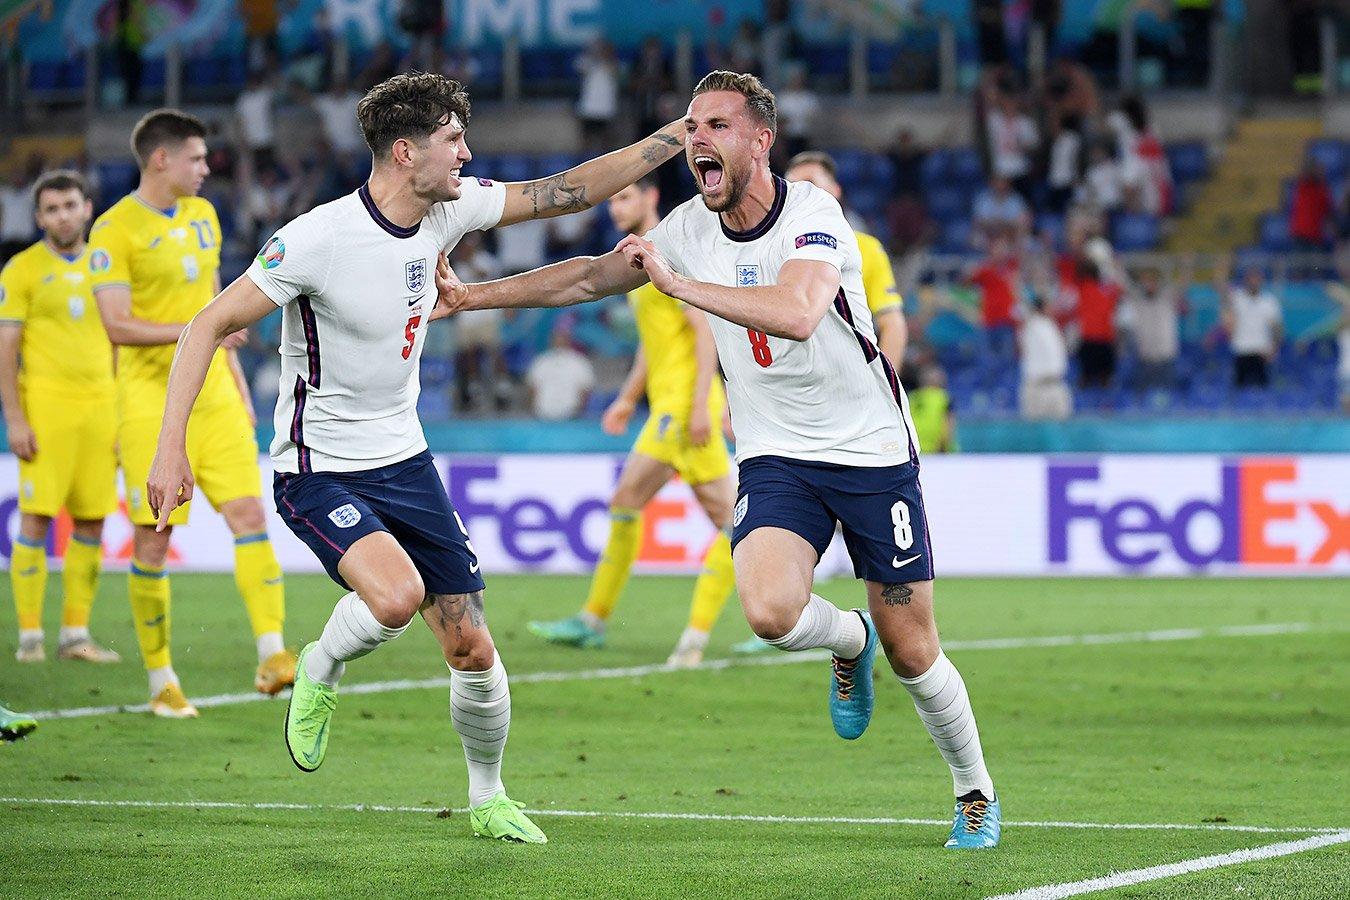 Сборная Англии сыграет с Данией в 1/2 финала Евро-2020